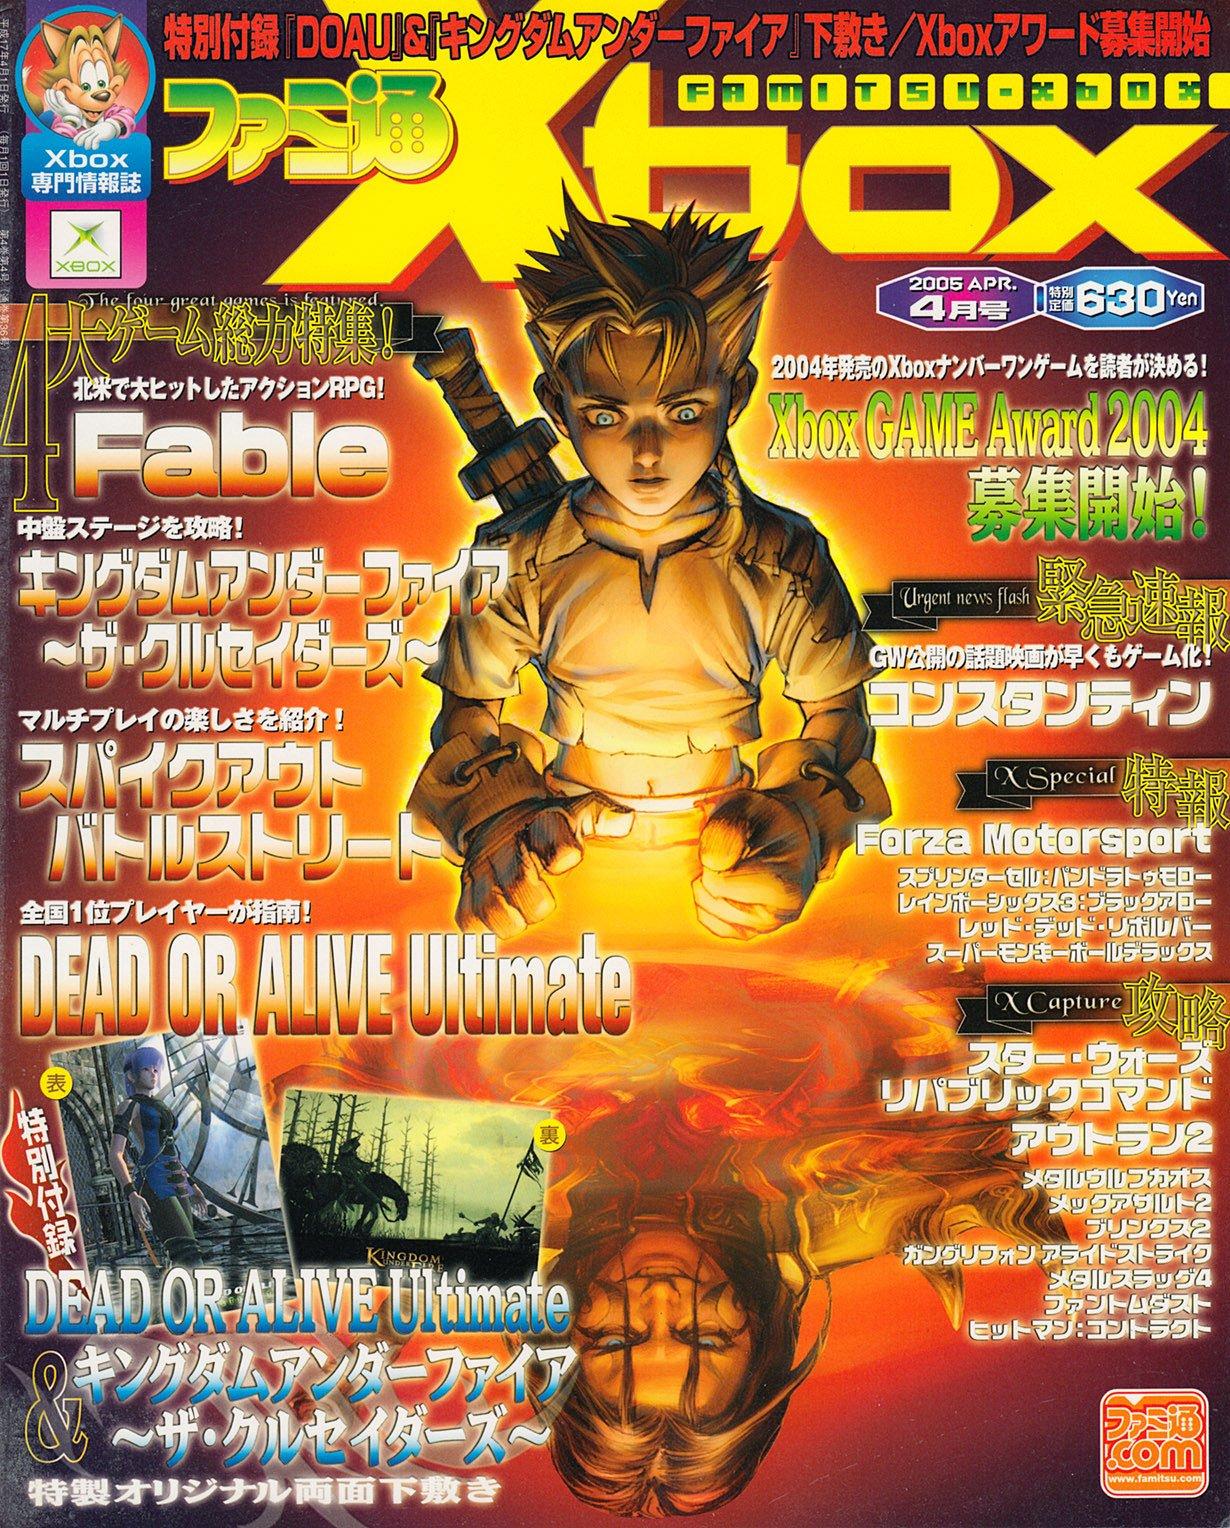 Famitsu Xbox Issue 038 (April 2005)